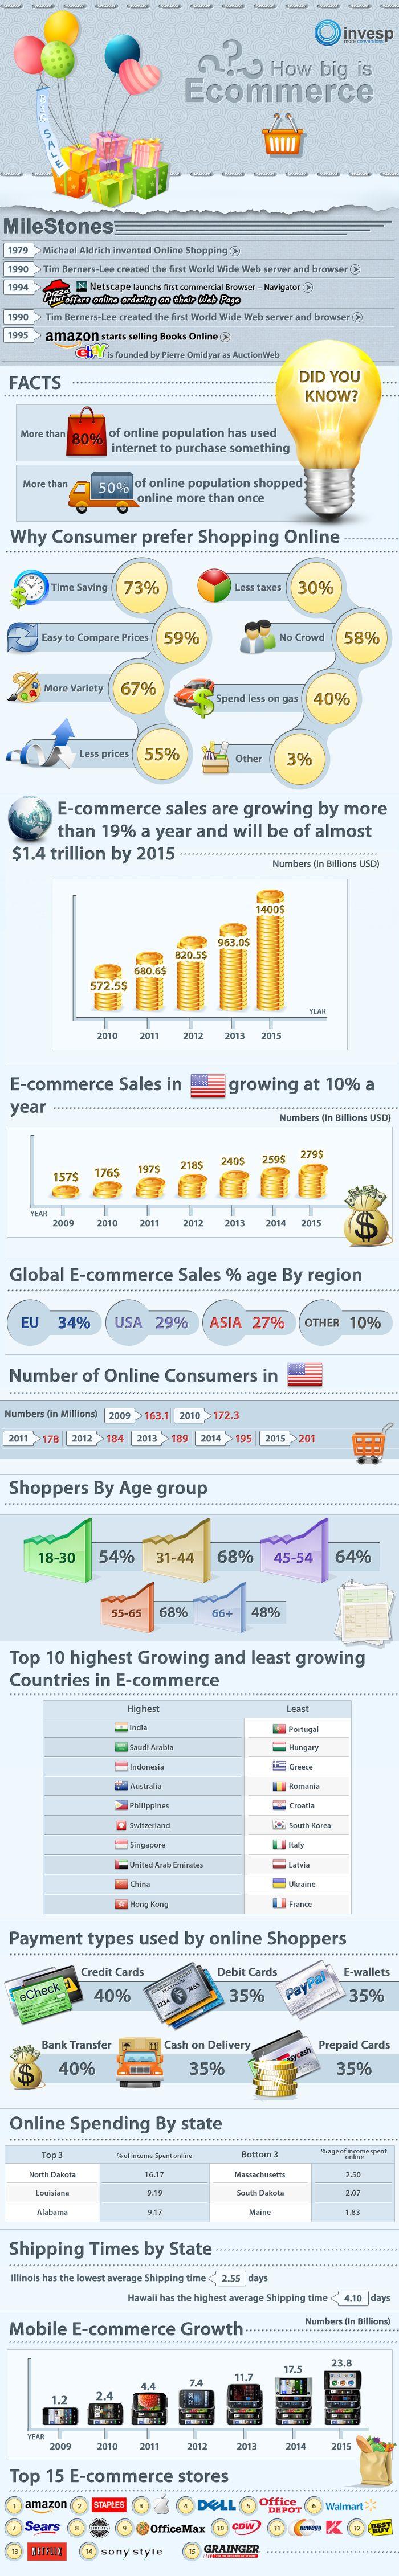 O crescimento rápido do E-Commerce e M-Commerce (Comércio Eletrônico, Comércio Móvel, mobile)